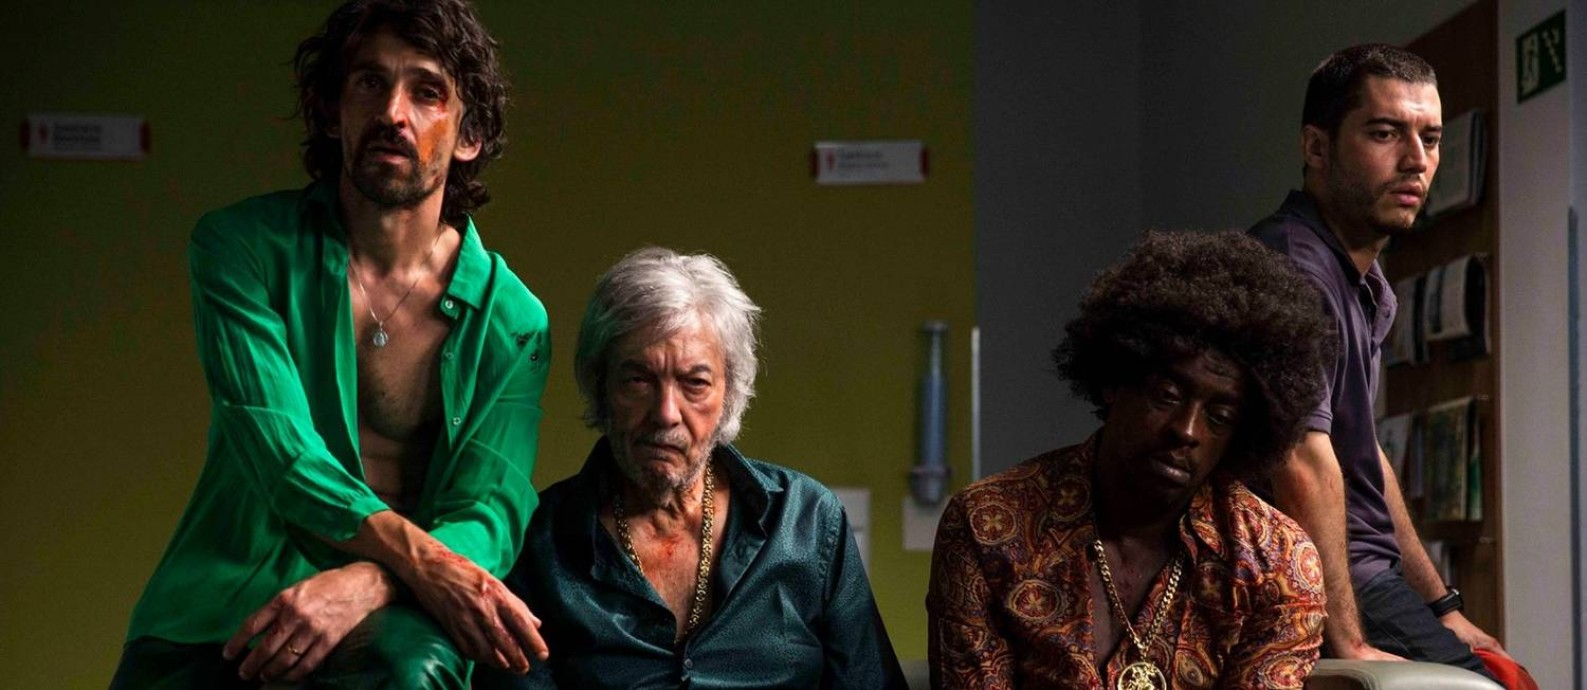 Cena do filme 'Paraíso perdido' Foto: Fabio Braga / Divulgação